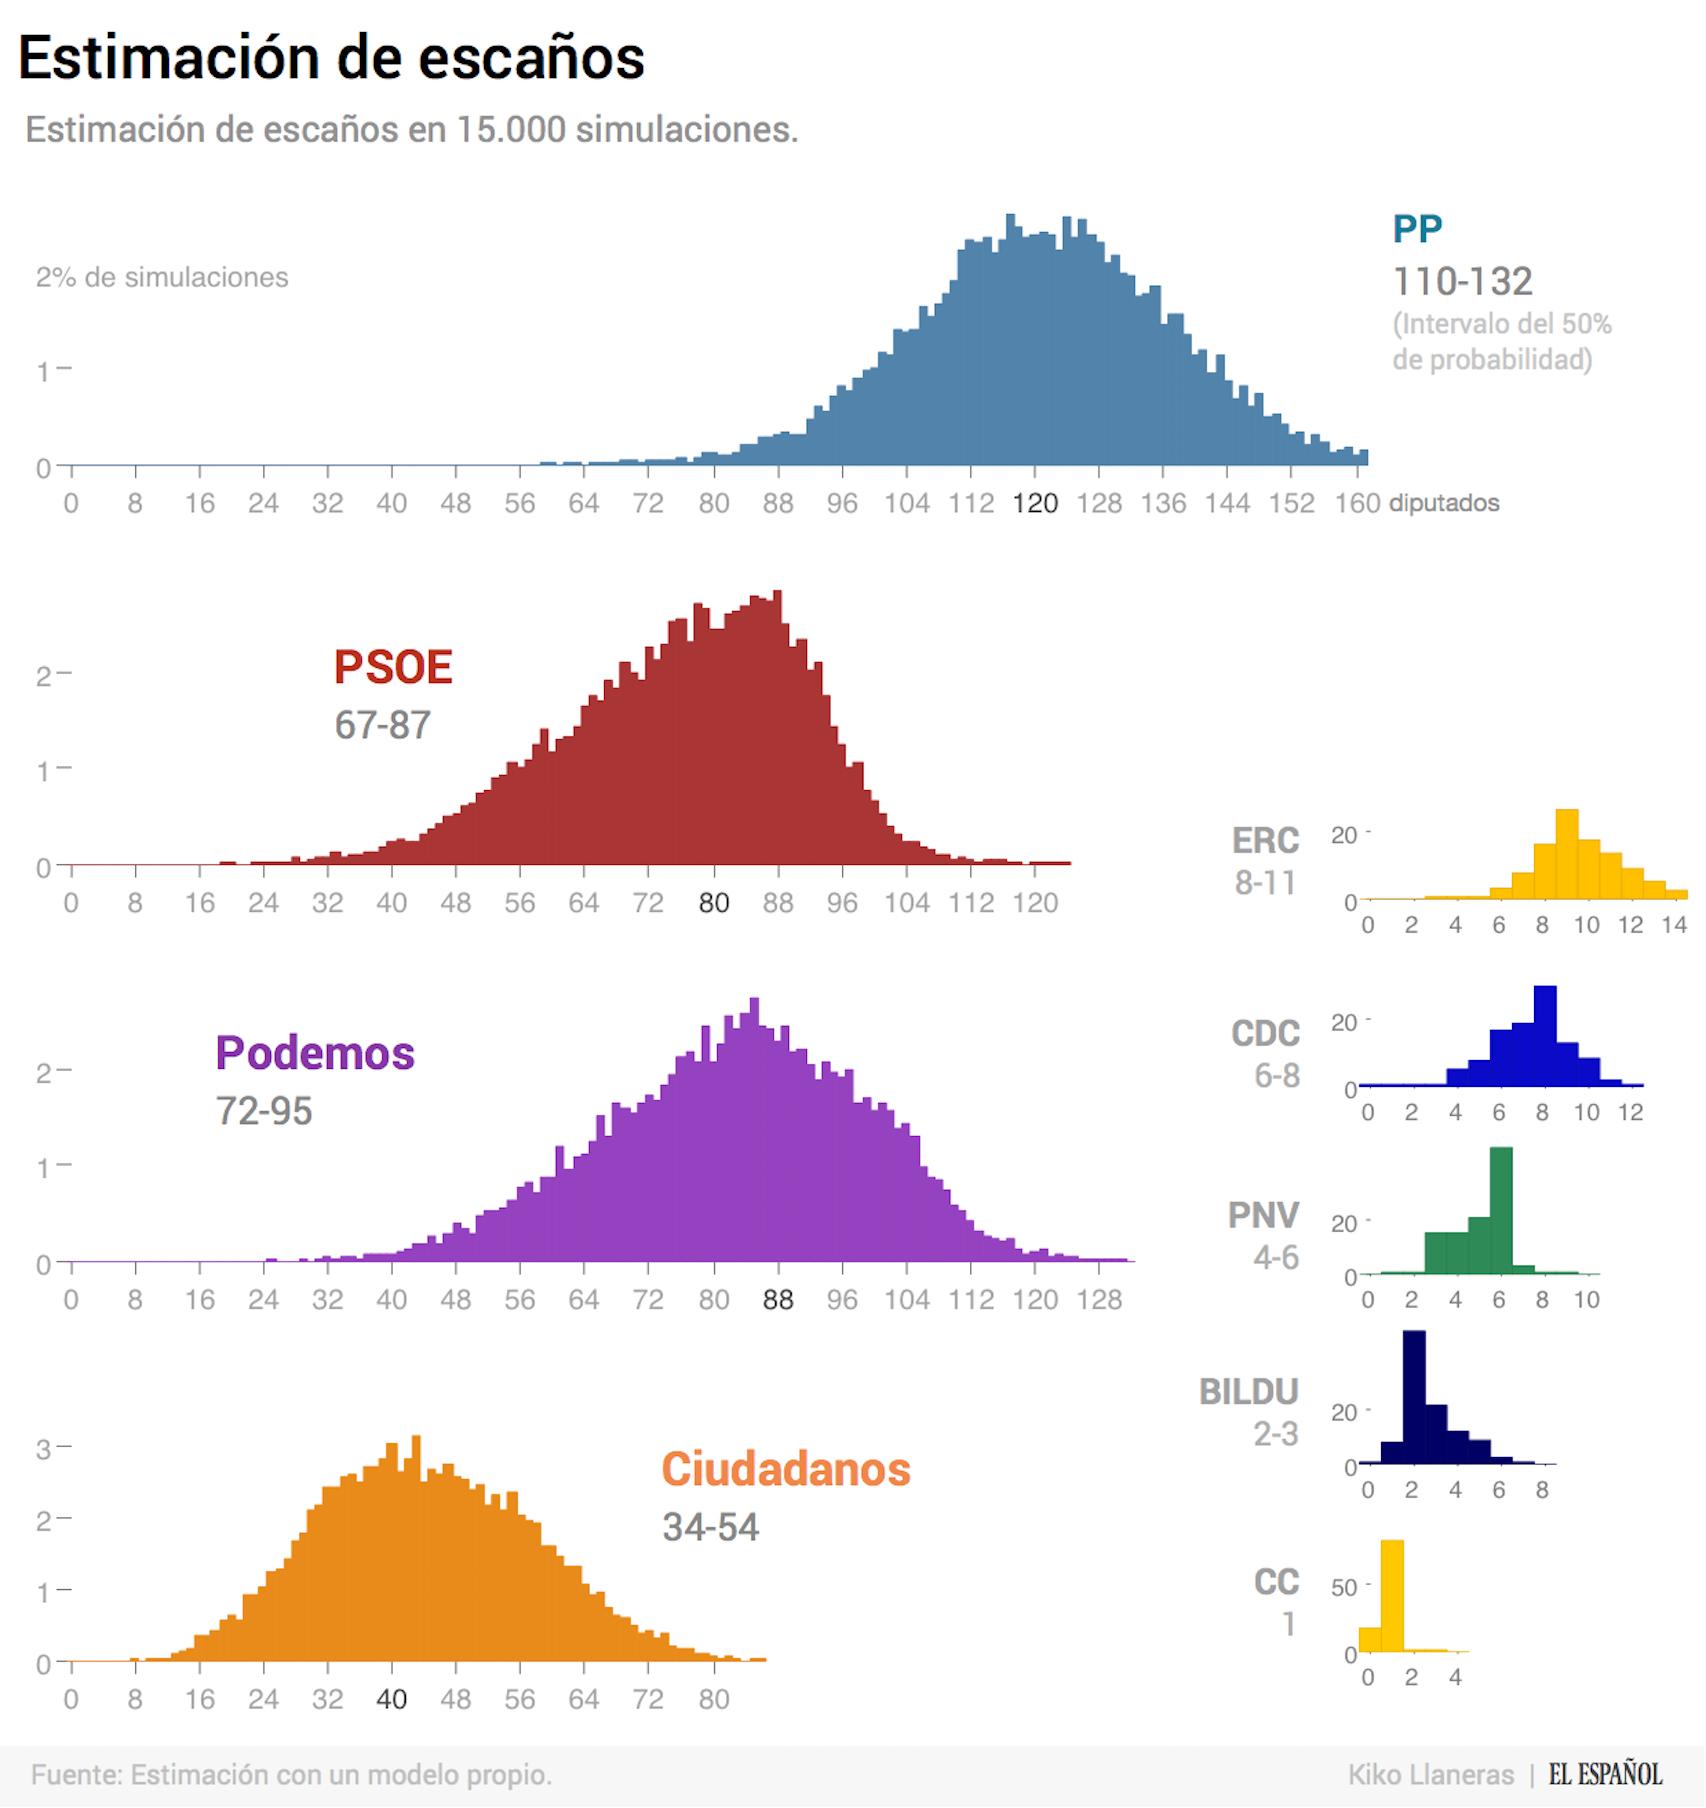 Cada gráfico es un histograma: el eje x representa un número de escaños y la altura de las barras la probabilidad de que el partido logre esa cantidad.